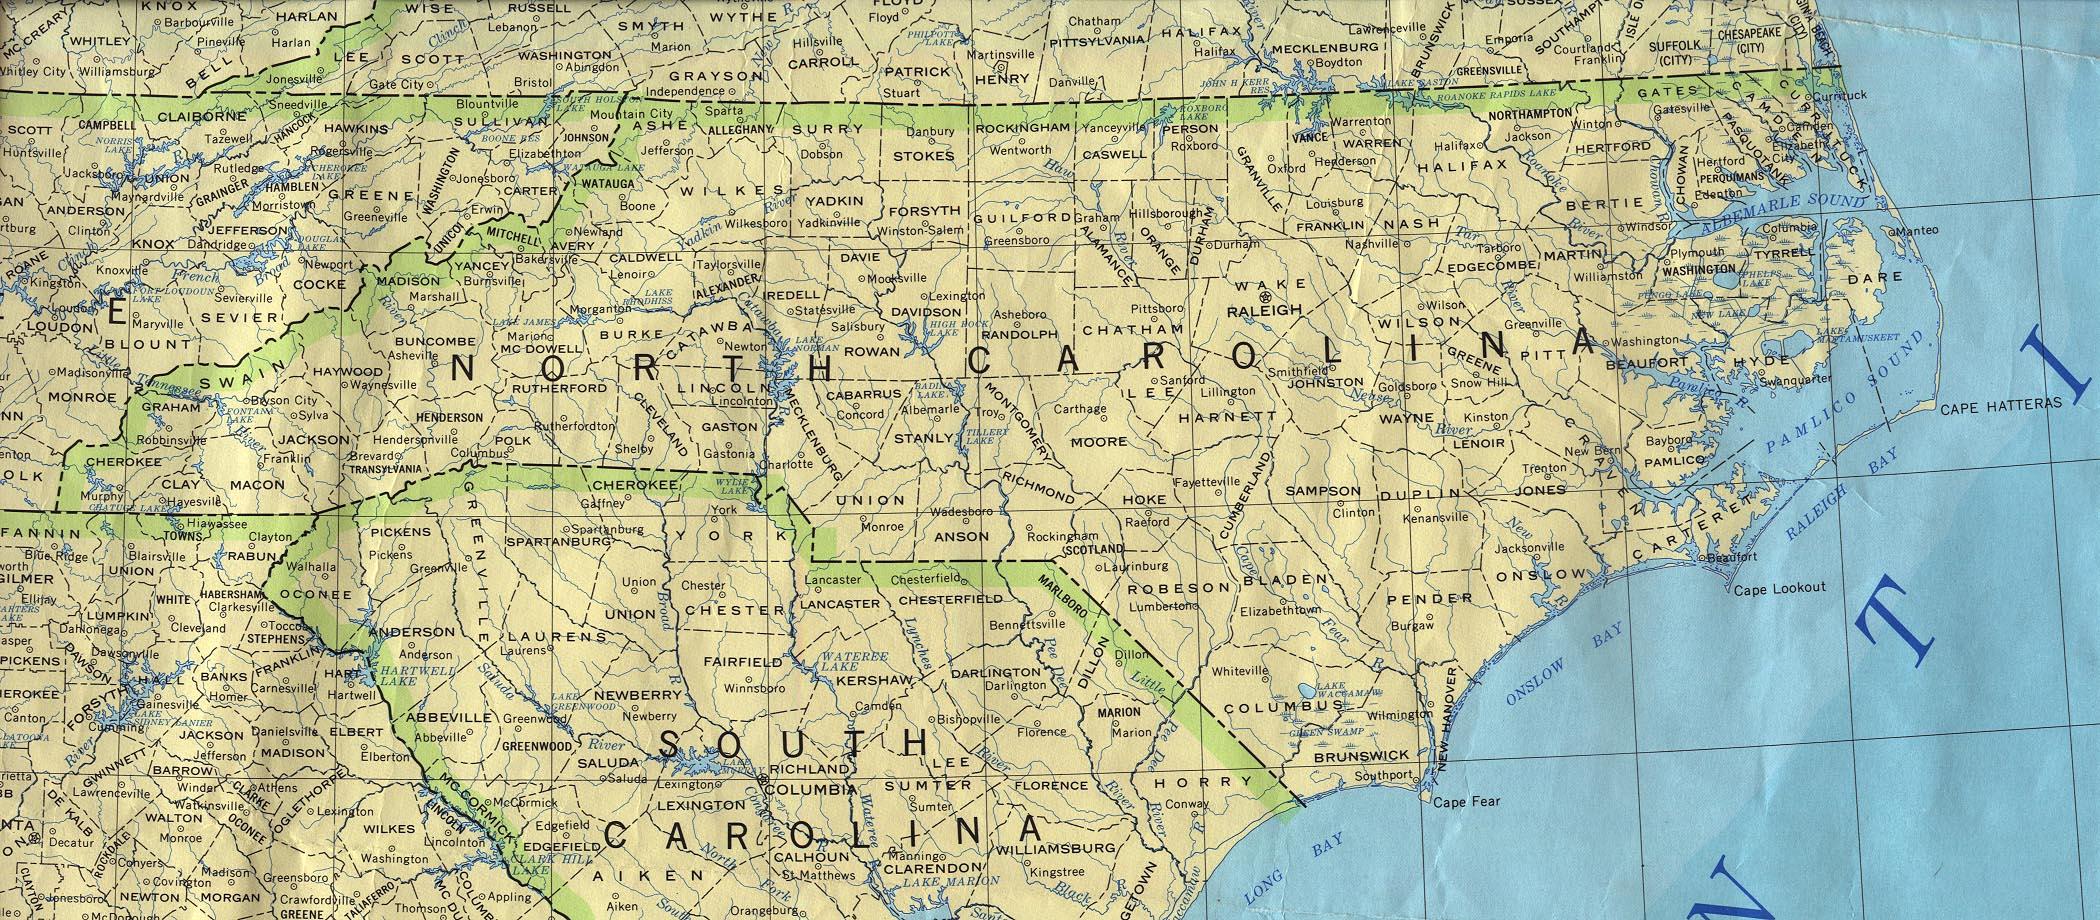 Mapa del Estado de Carolina del Norte, Estados Unidos